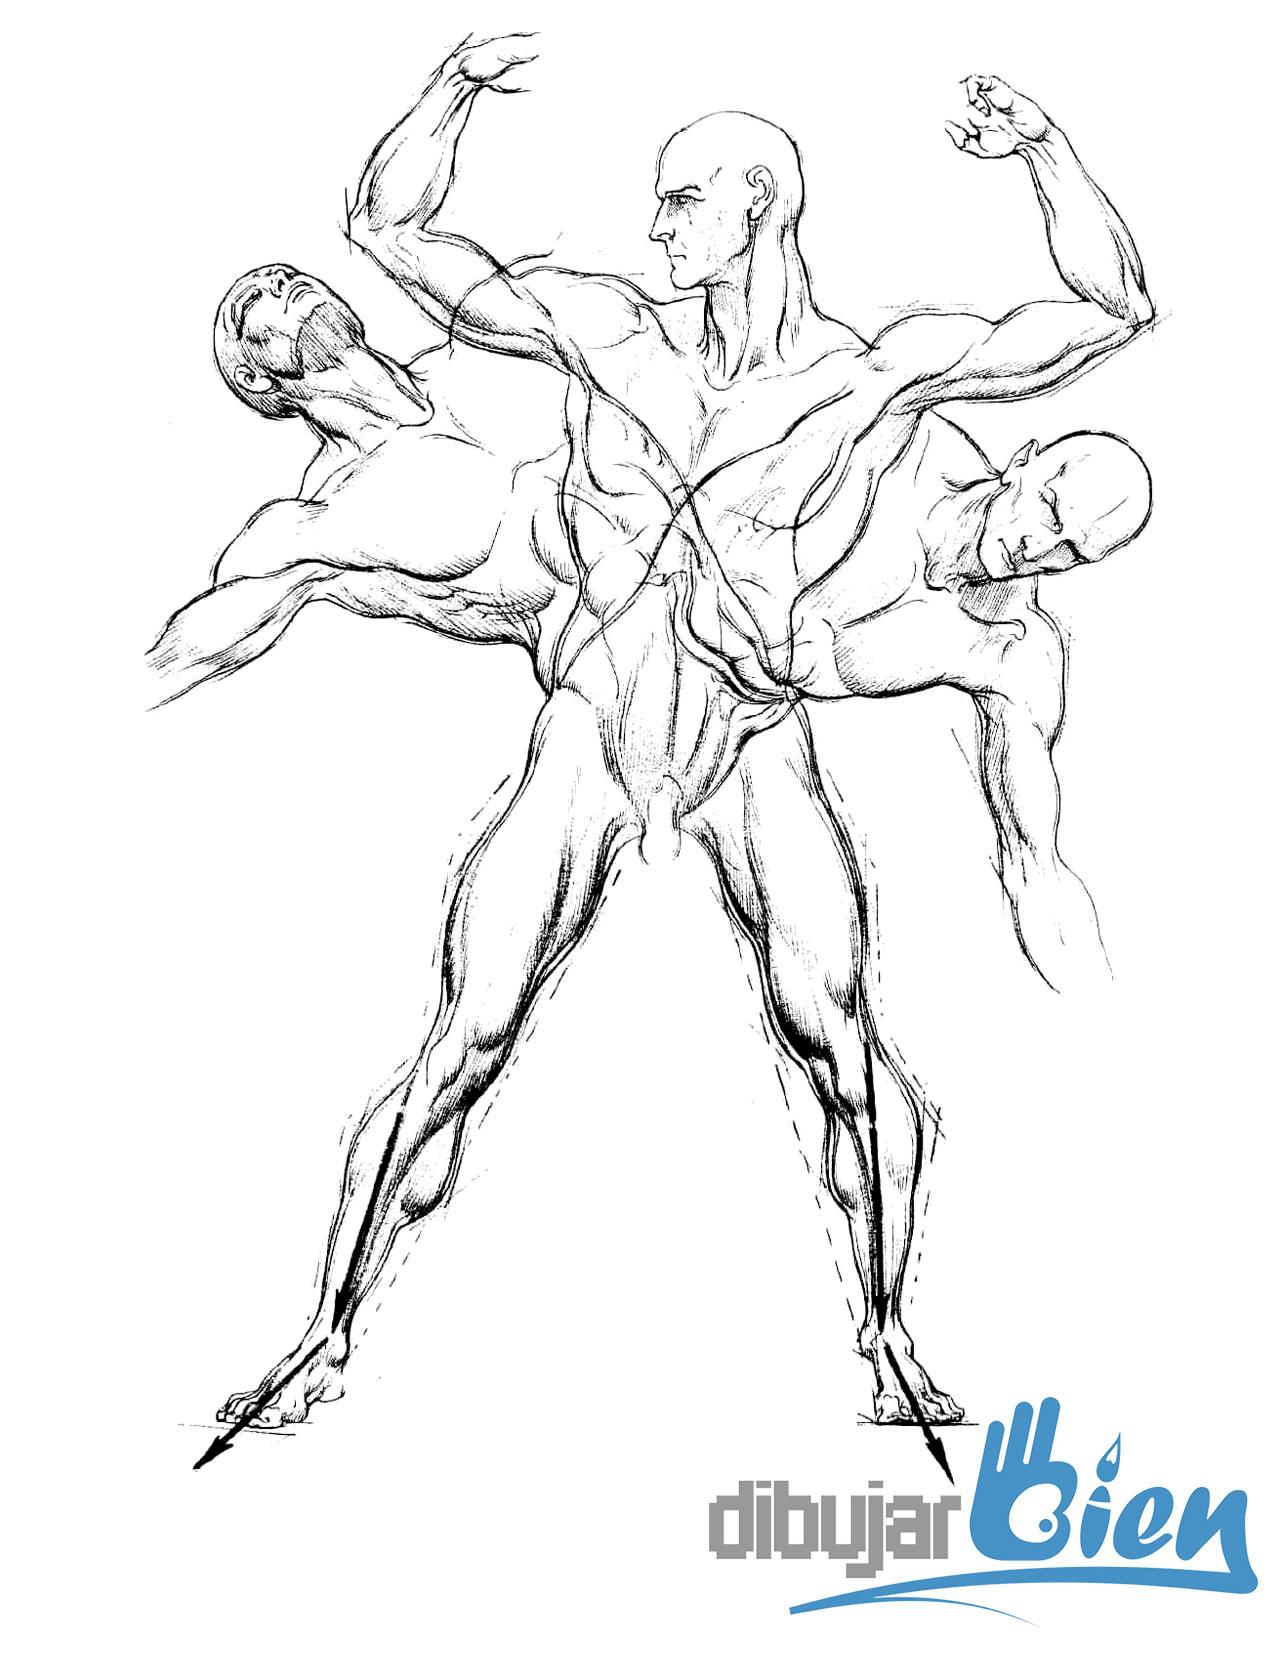 Libros para dibujar anatoma Burne Hogarth el dibujante del Rey